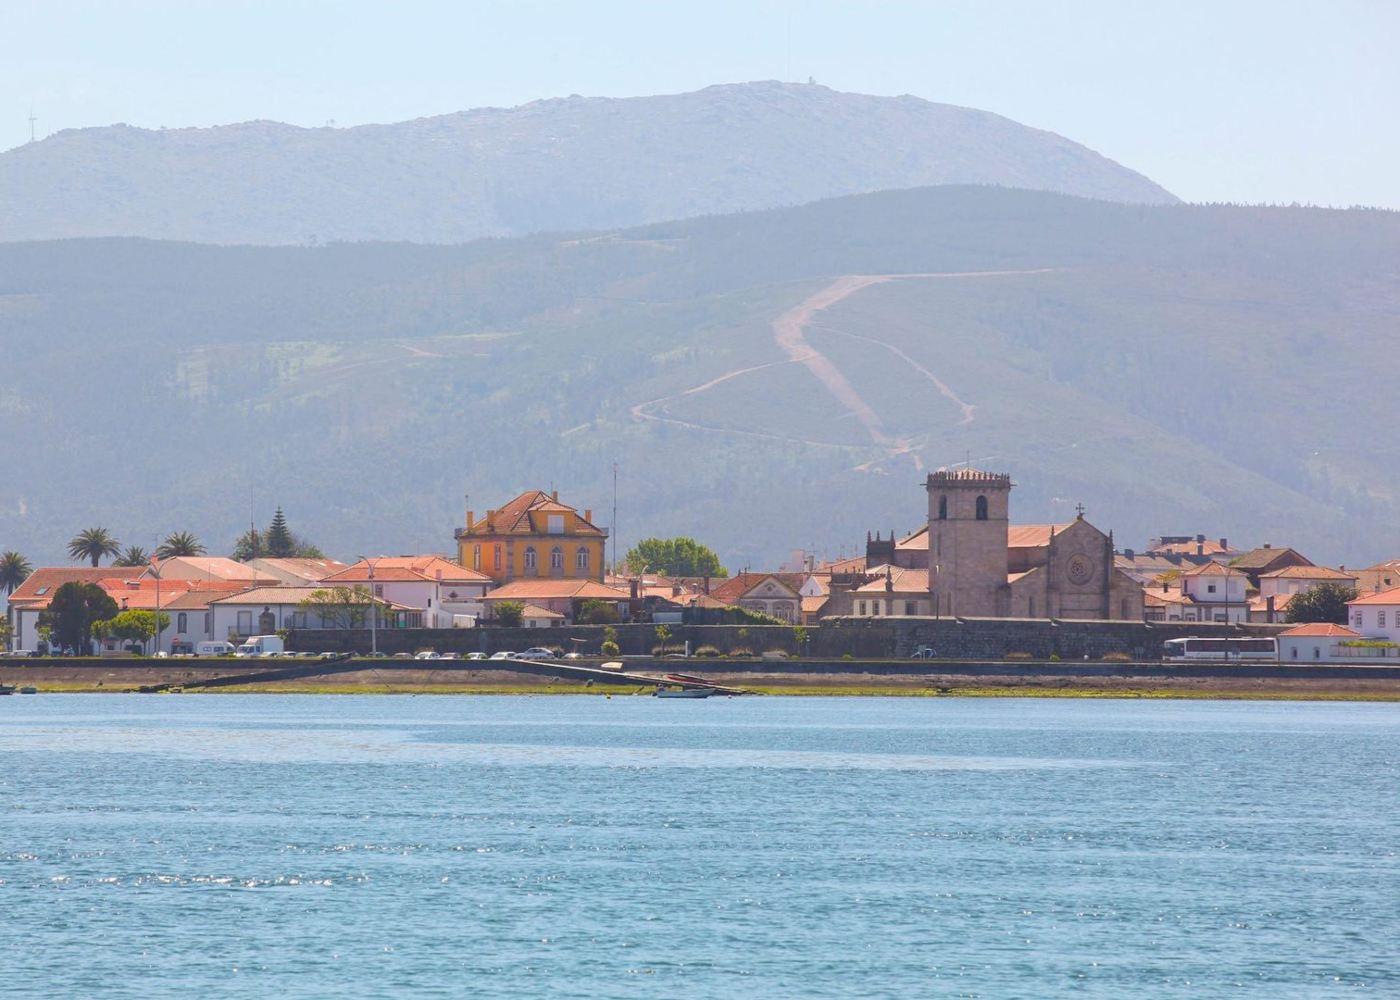 Vista da cidade de Caminha